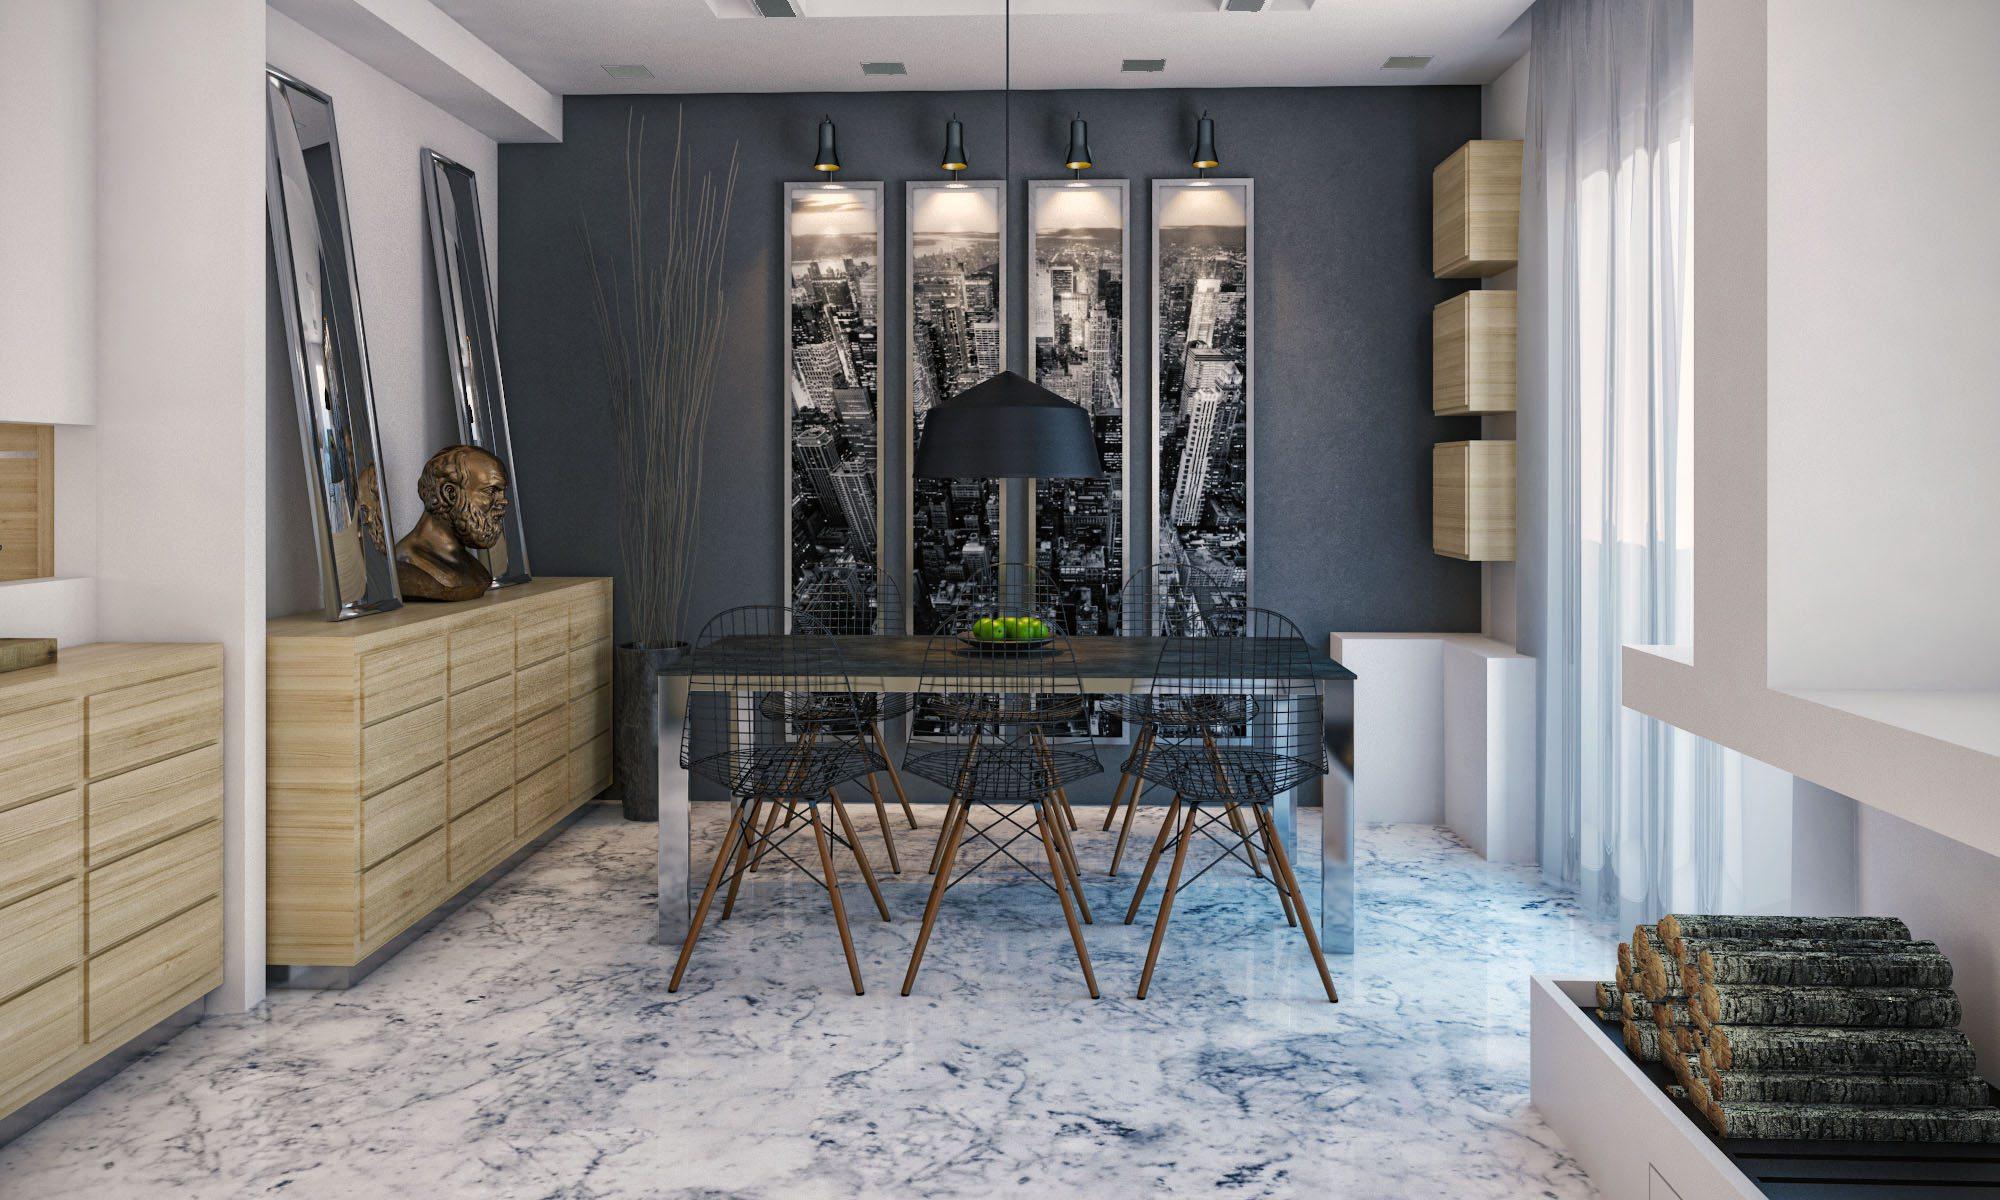 archicostudio_ren-kl05_dining-room